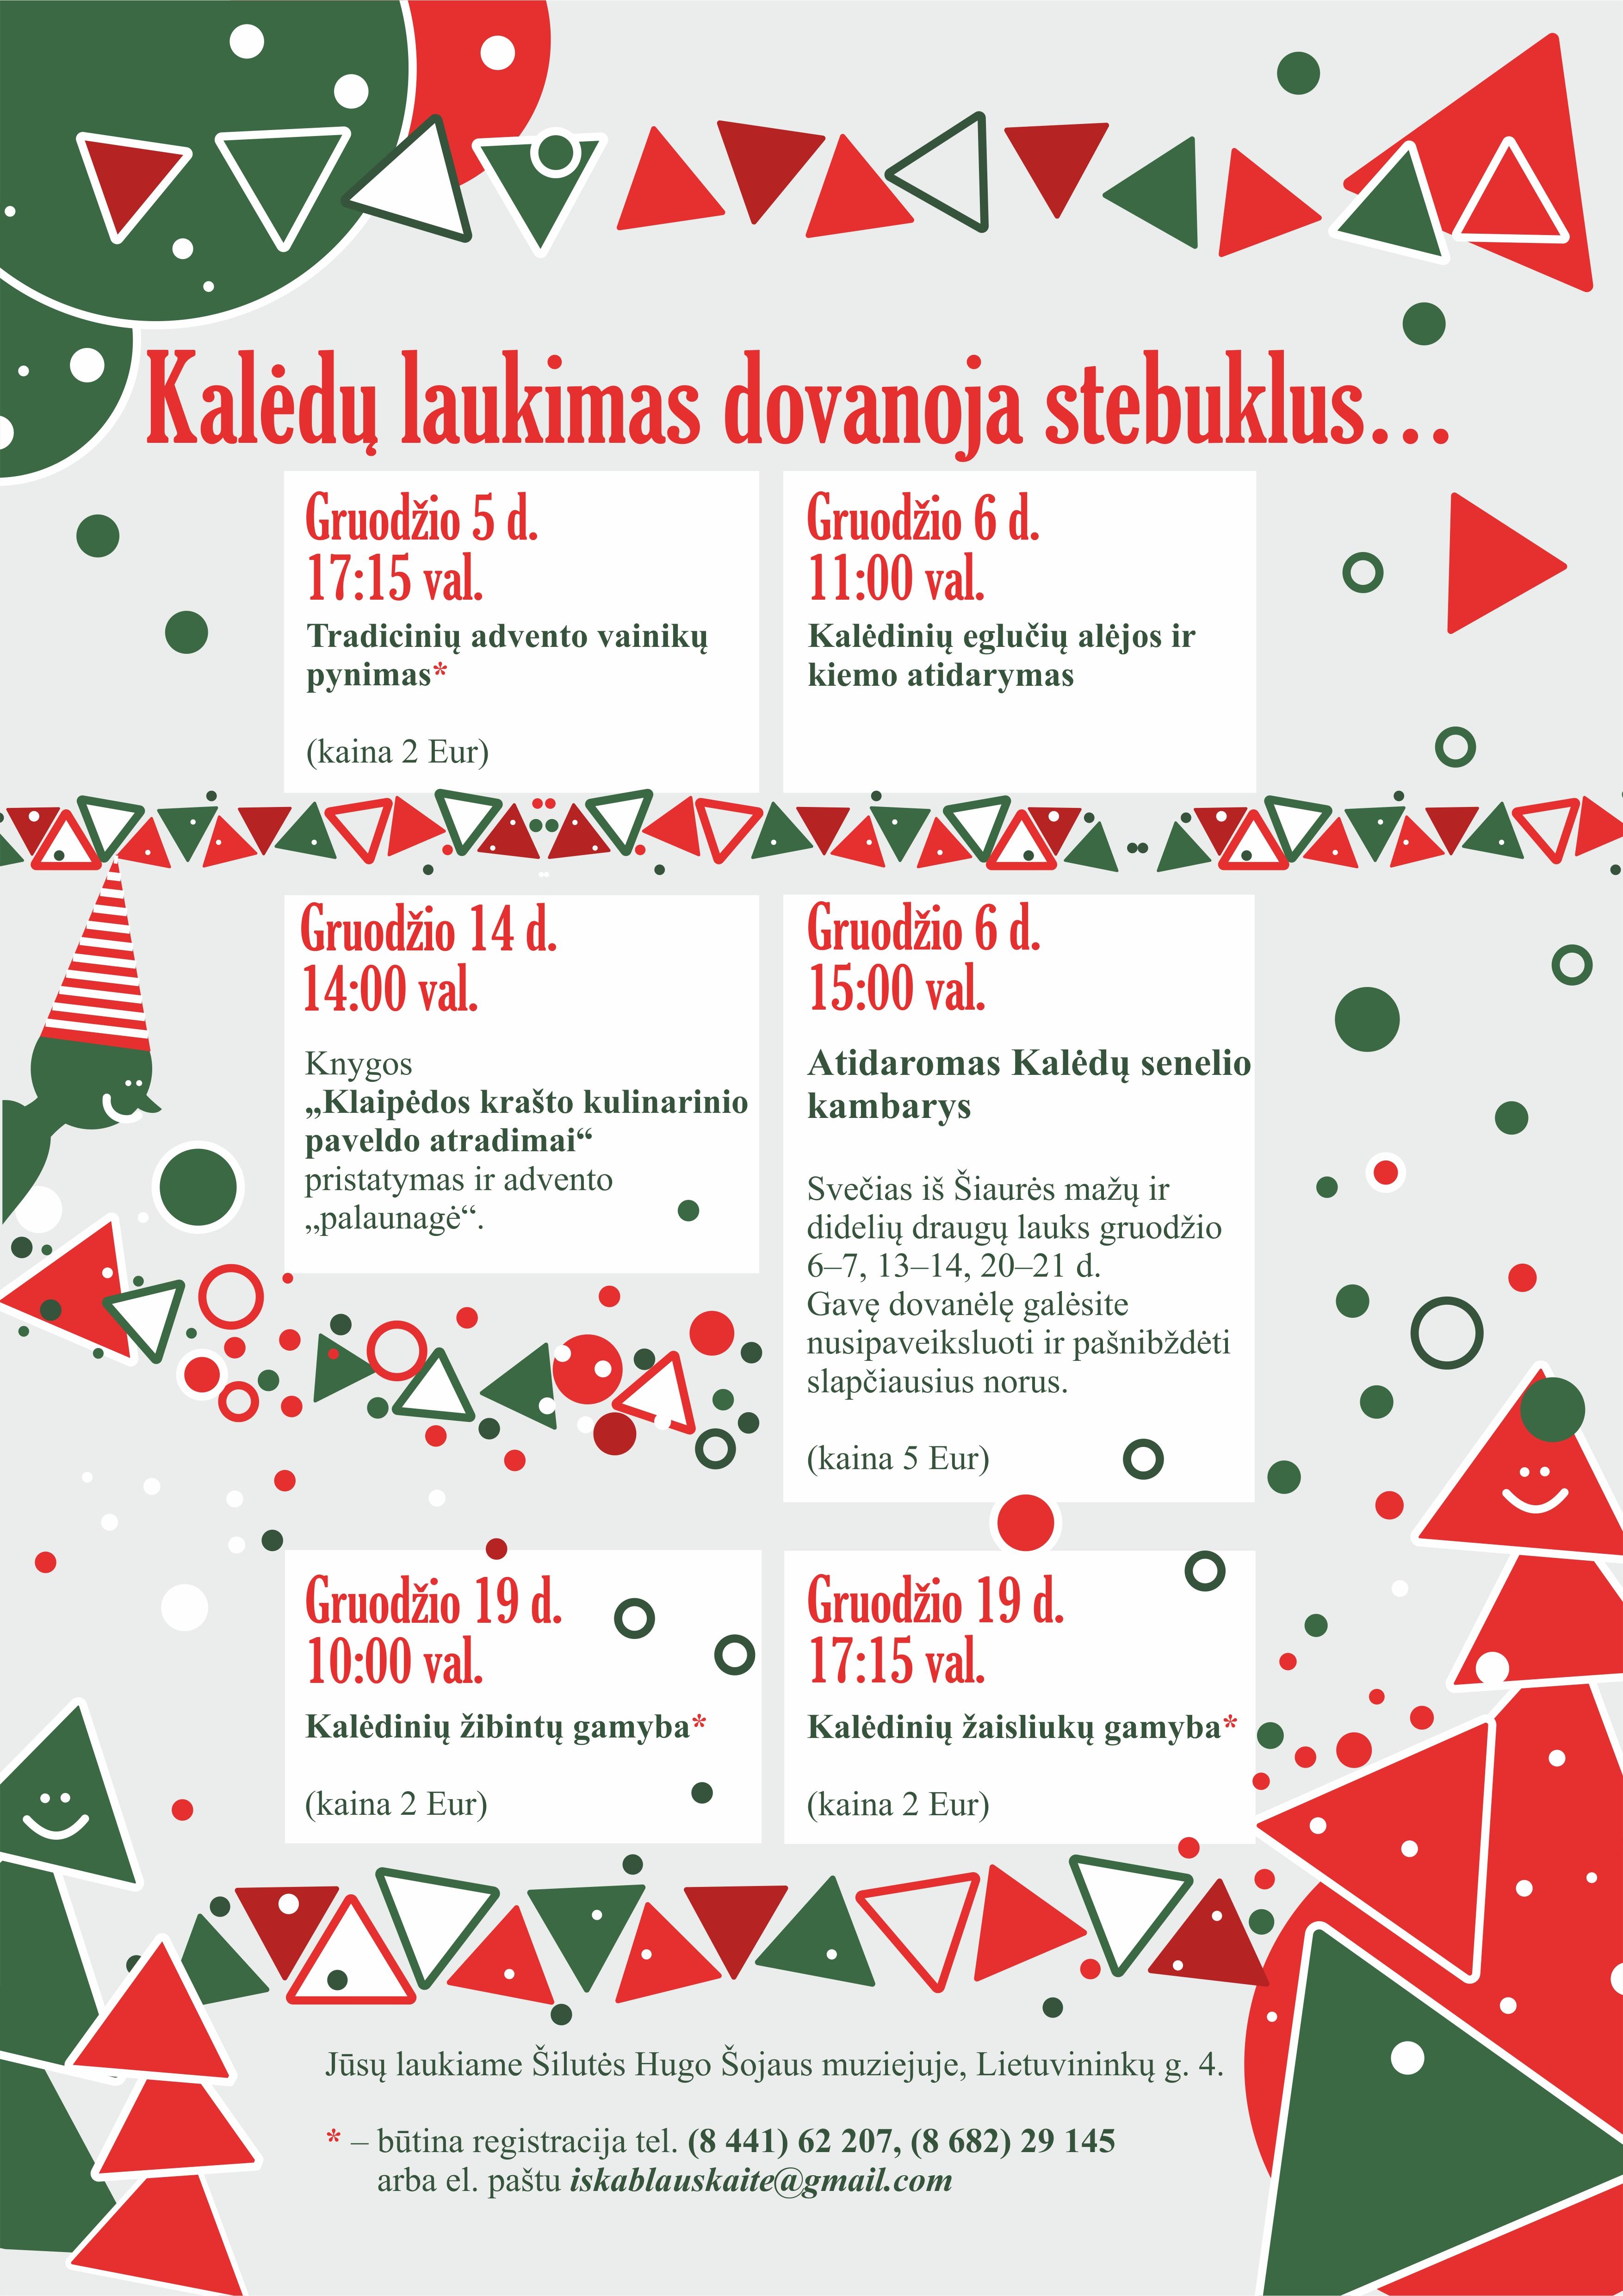 Kalėdiniai renginiai Šilutės Hugo Šojaus muziejuje